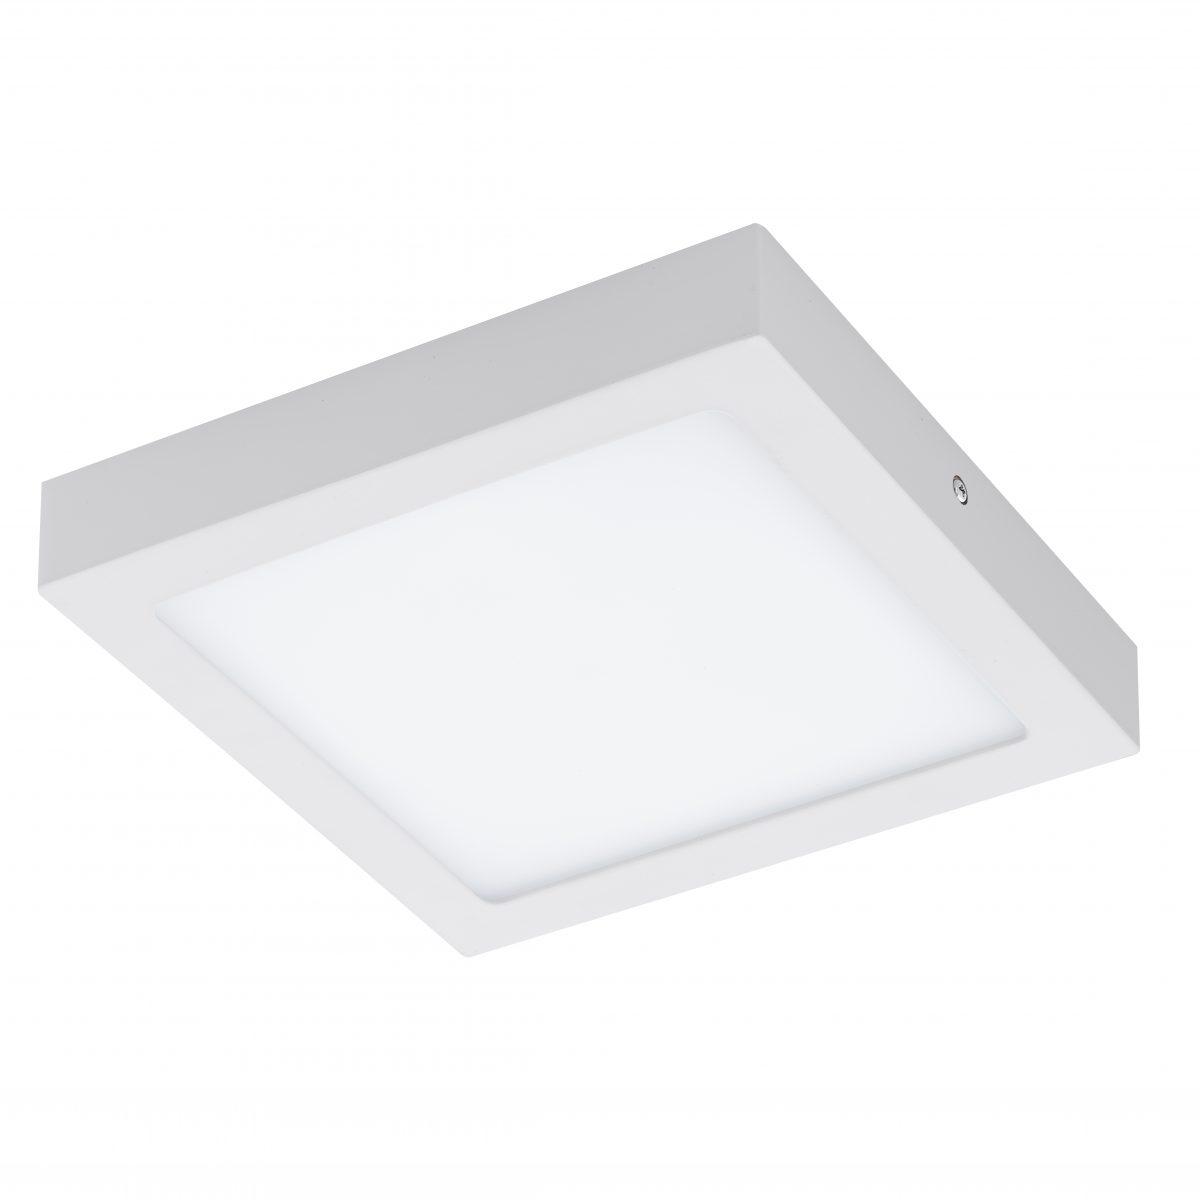 Светильник настенно-потолочный FUEVA 1 EGLO 94077 - Фото №28